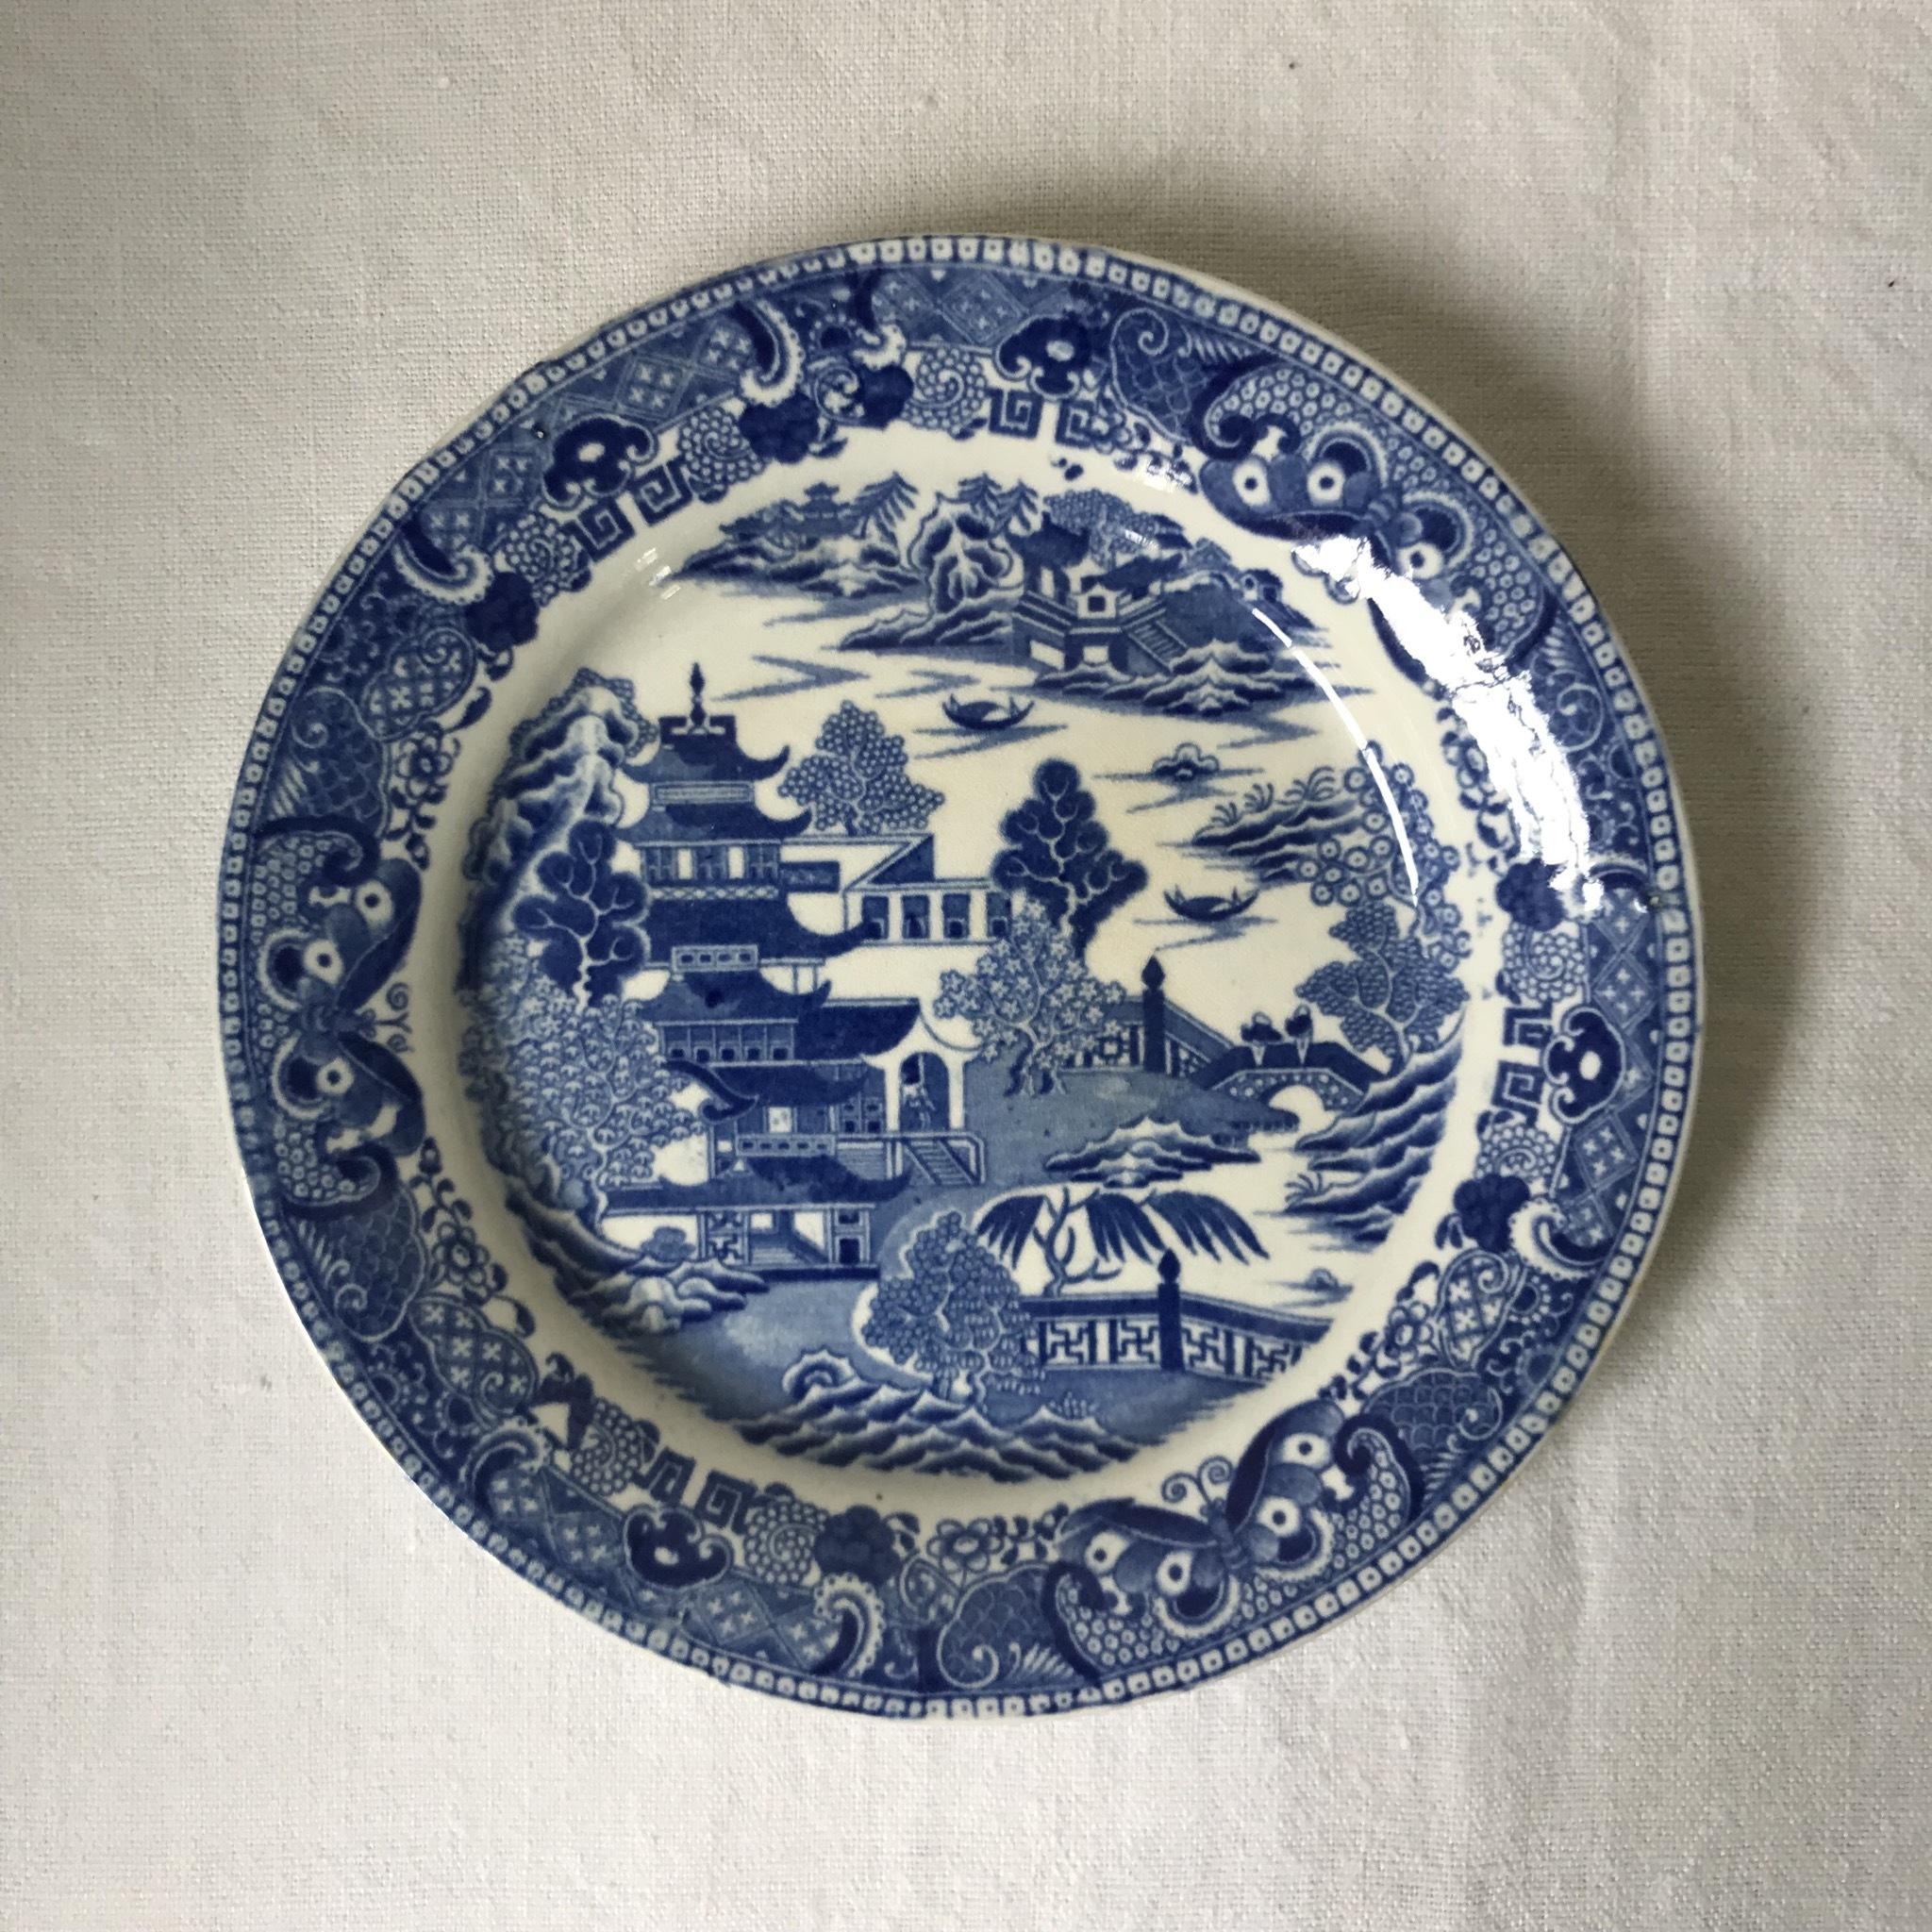 ウィロー柄の丸っこいお皿 2